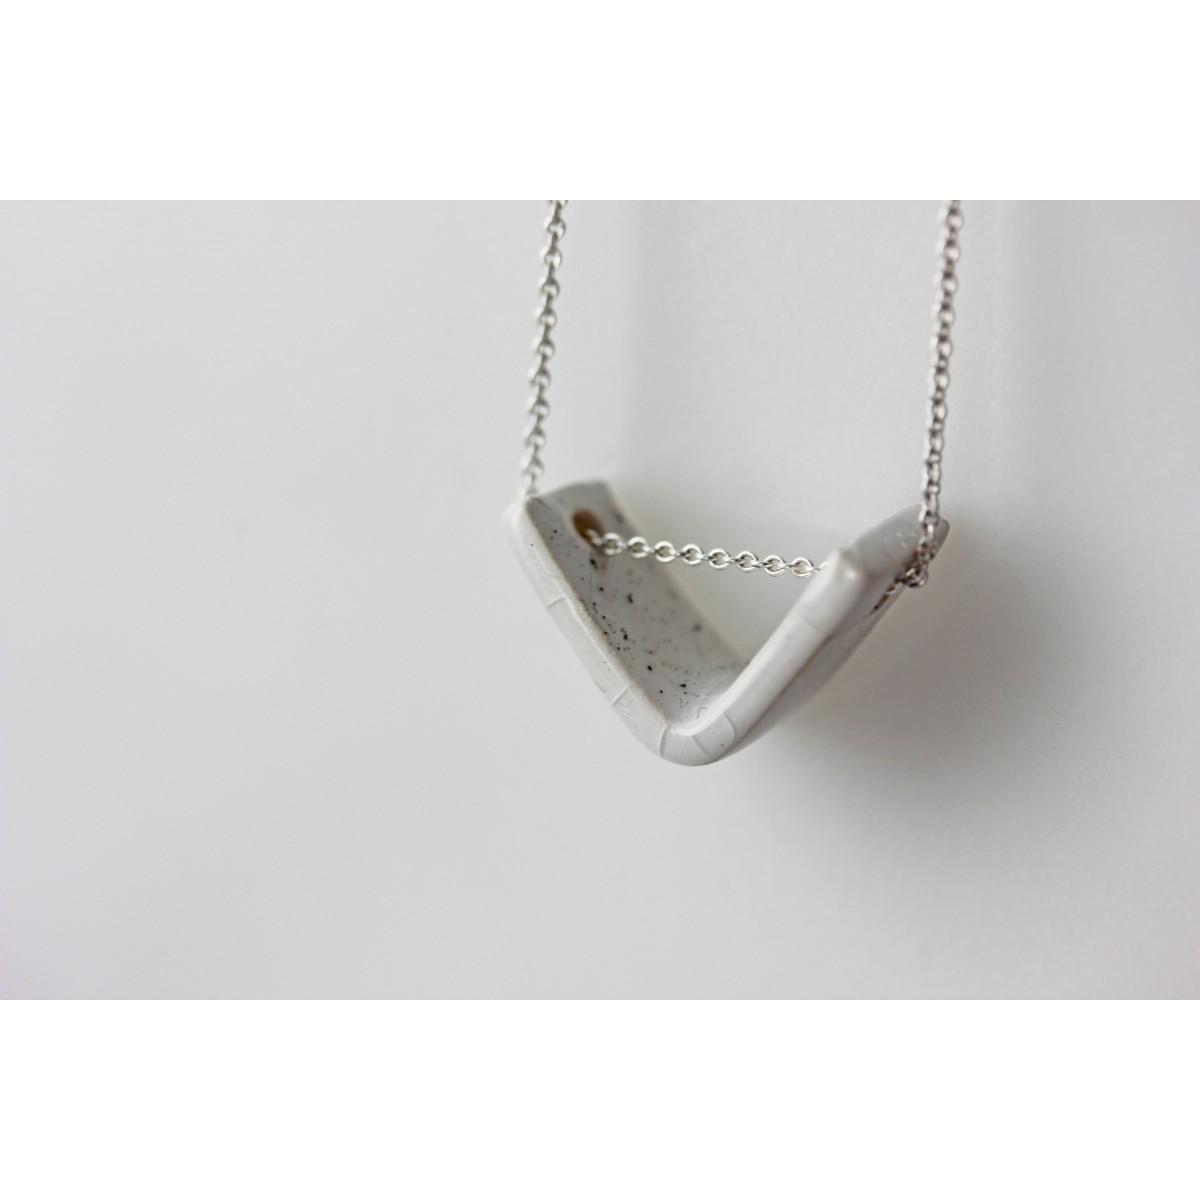 Skelini - Handgemachte Porzellan Kette weiß Dreieck